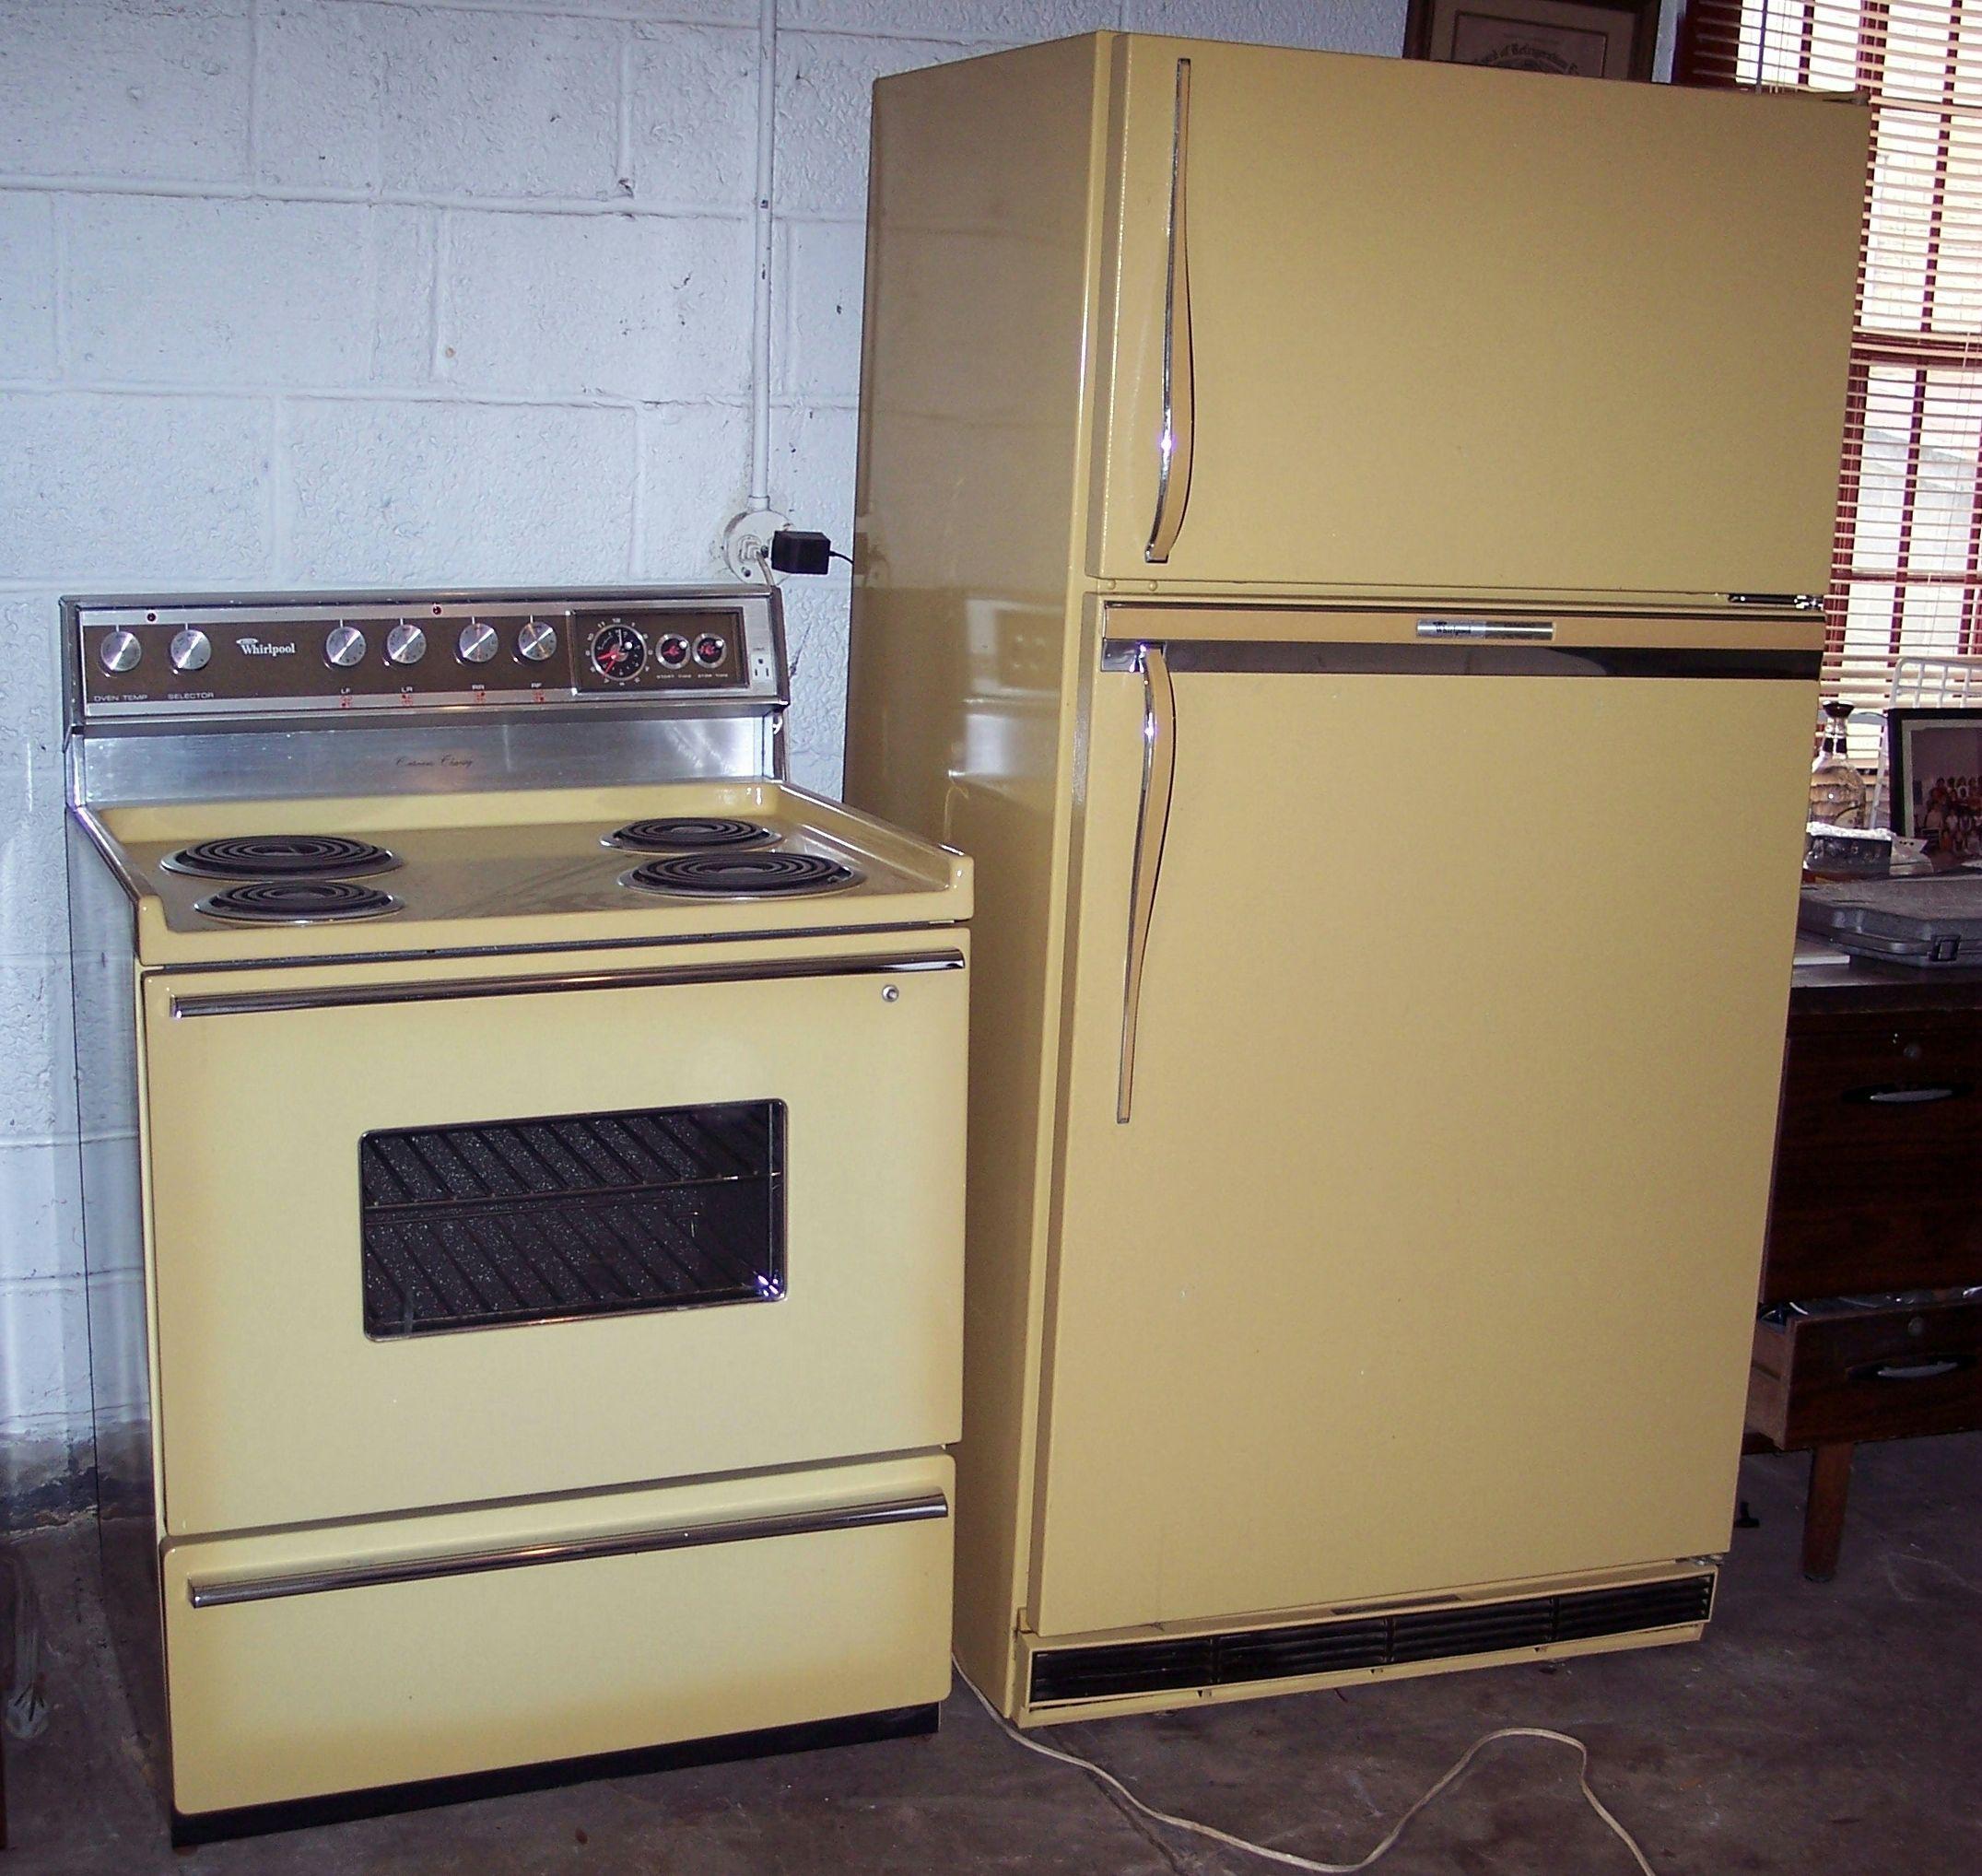 Nhận mua hộ và chuyển phát nhanh hàng xách tay tủ lạnh, máy rửa bát từ Canada